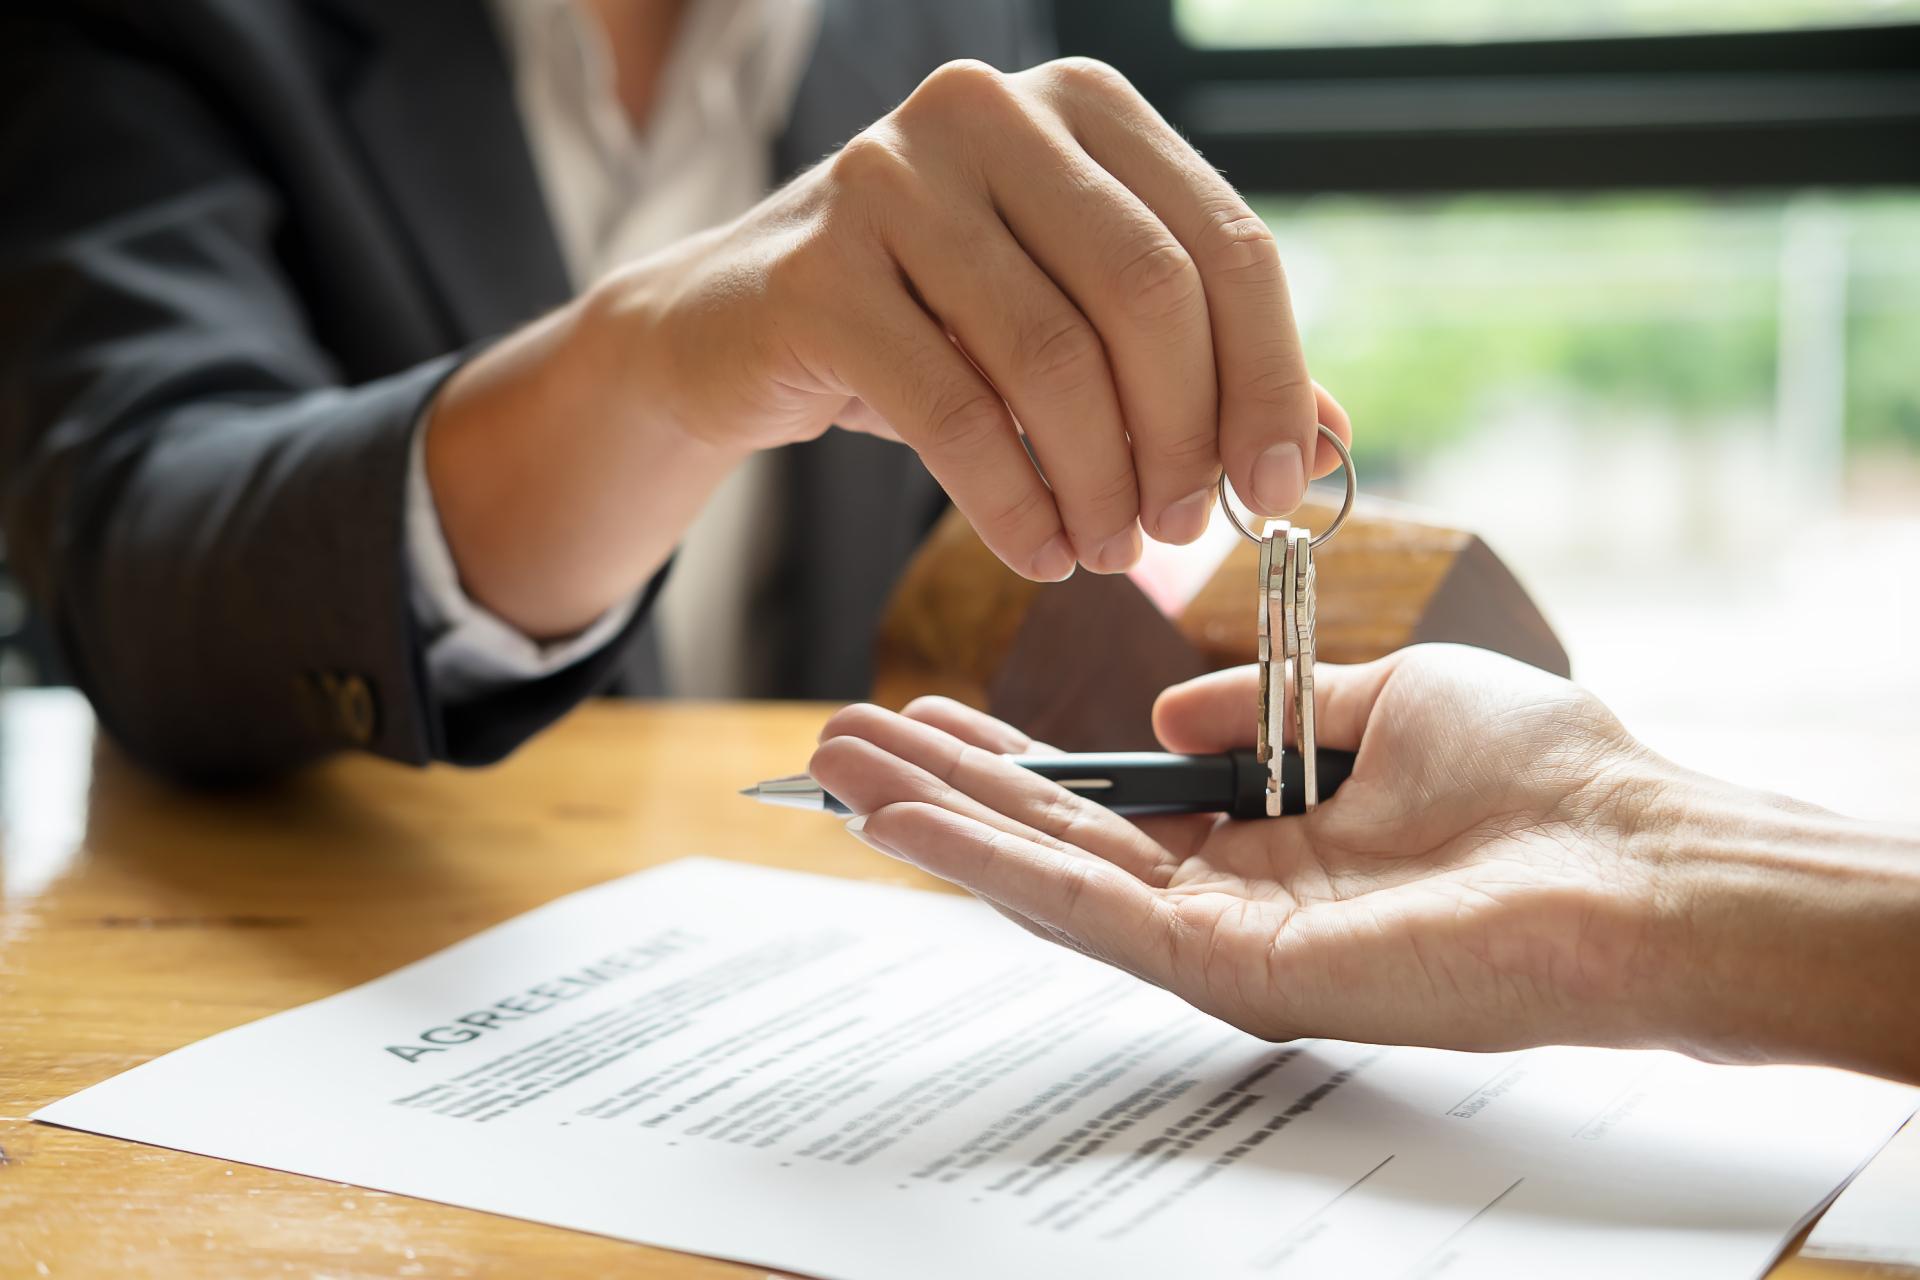 Для продавца и покупателя альтернативная сделка почти не отличается от классической схемы